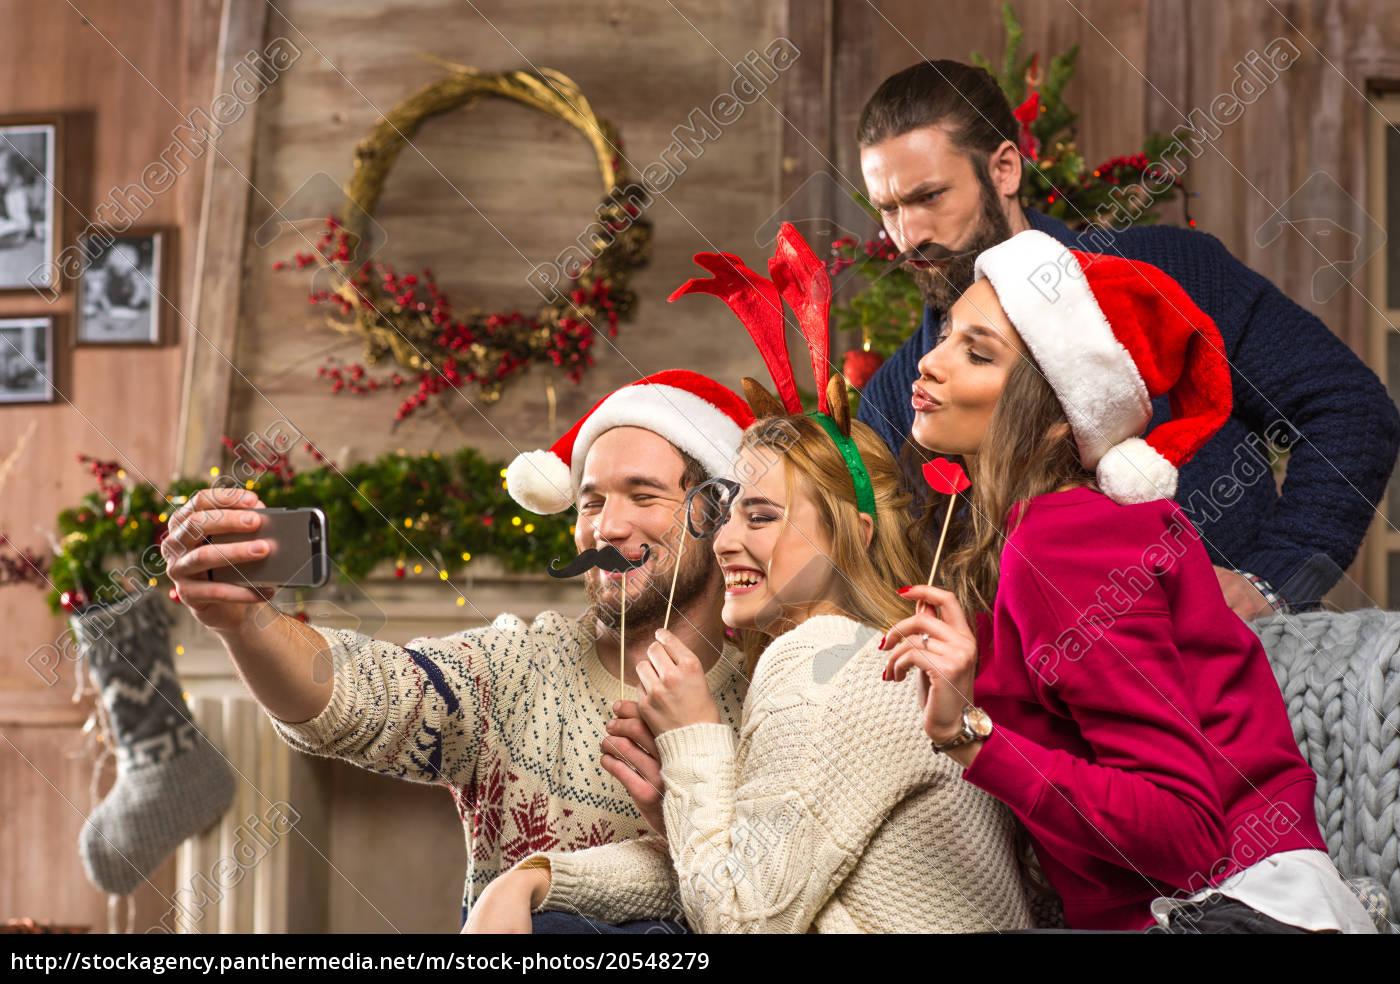 Gente Feliz En Navidad.Royalty Free Imagen 20548279 Gente Feliz Tomando Selfe En Navidad